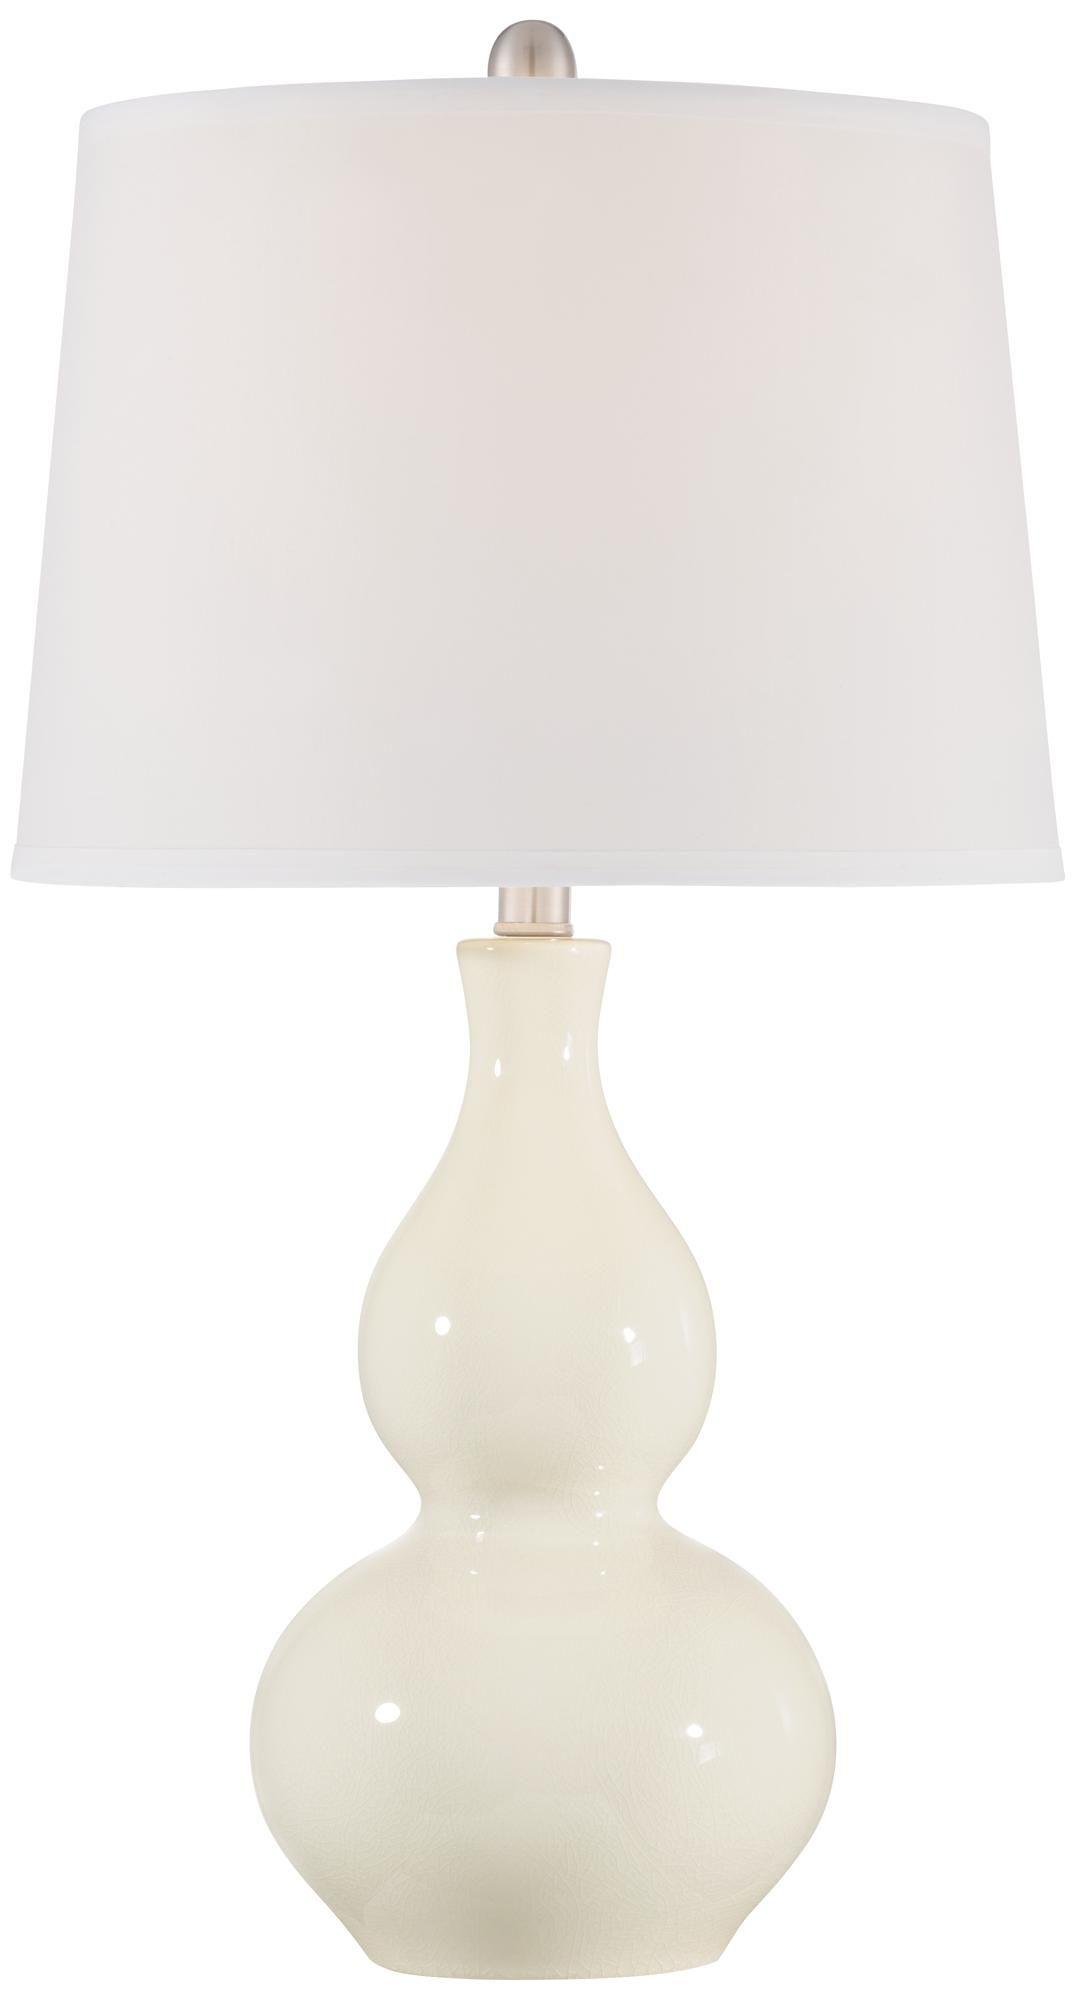 Fergie Cream Ceramic Table Lamp #1G032 | Lamps Plus